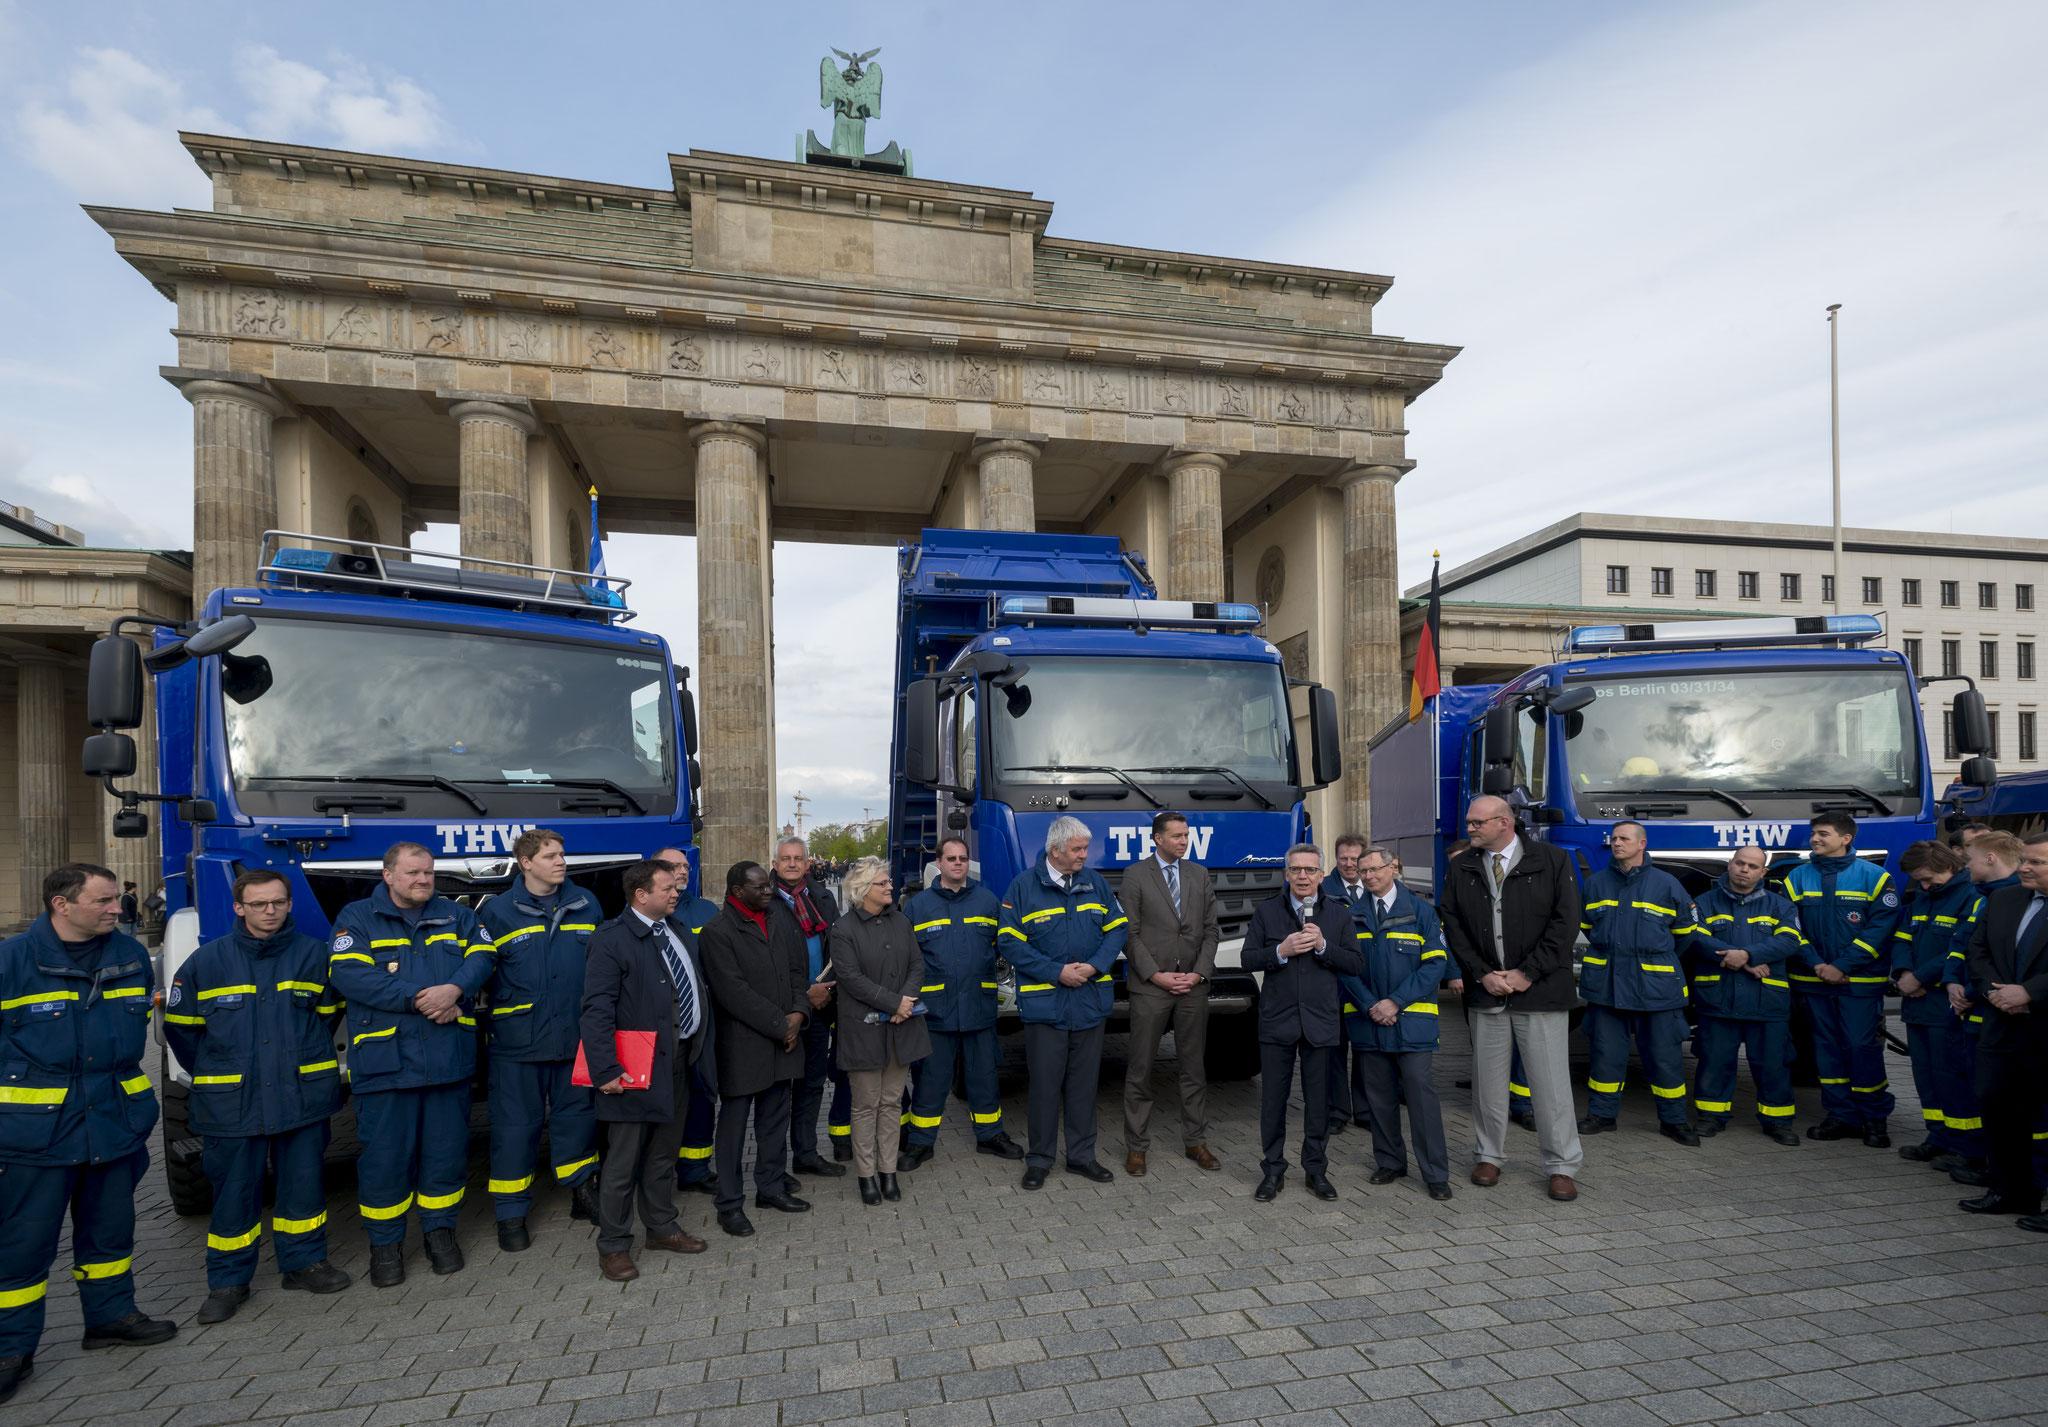 Fahrzeugübergabe an das THW vor dem Brandenburger Tor